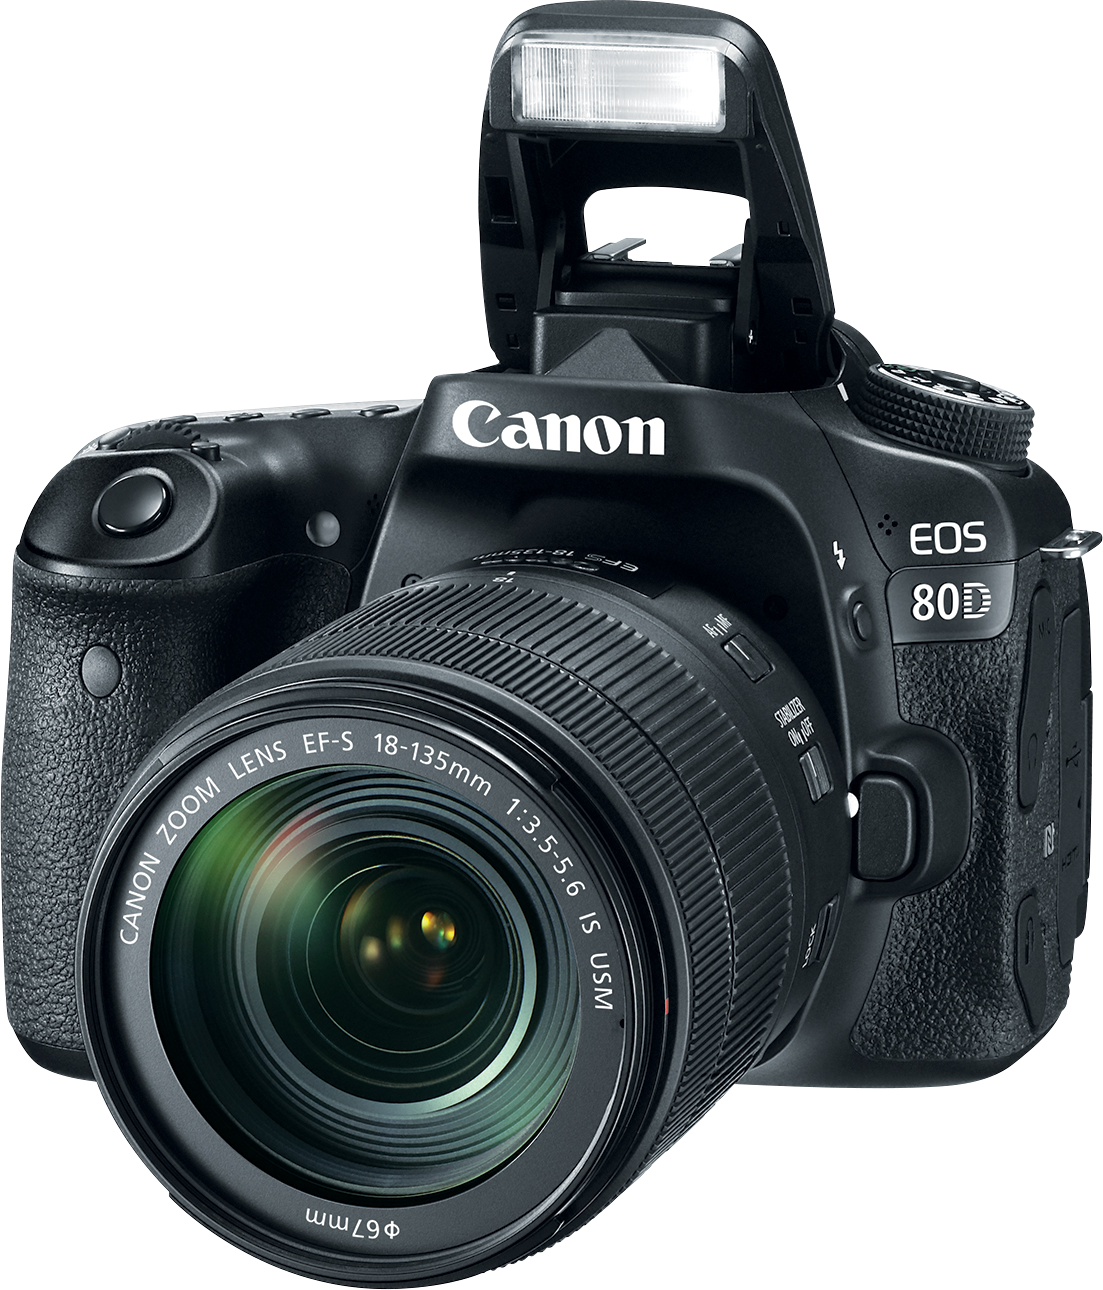 Canon Eos 80d Canon Digital Slr Camera Canon Camera Best Camera